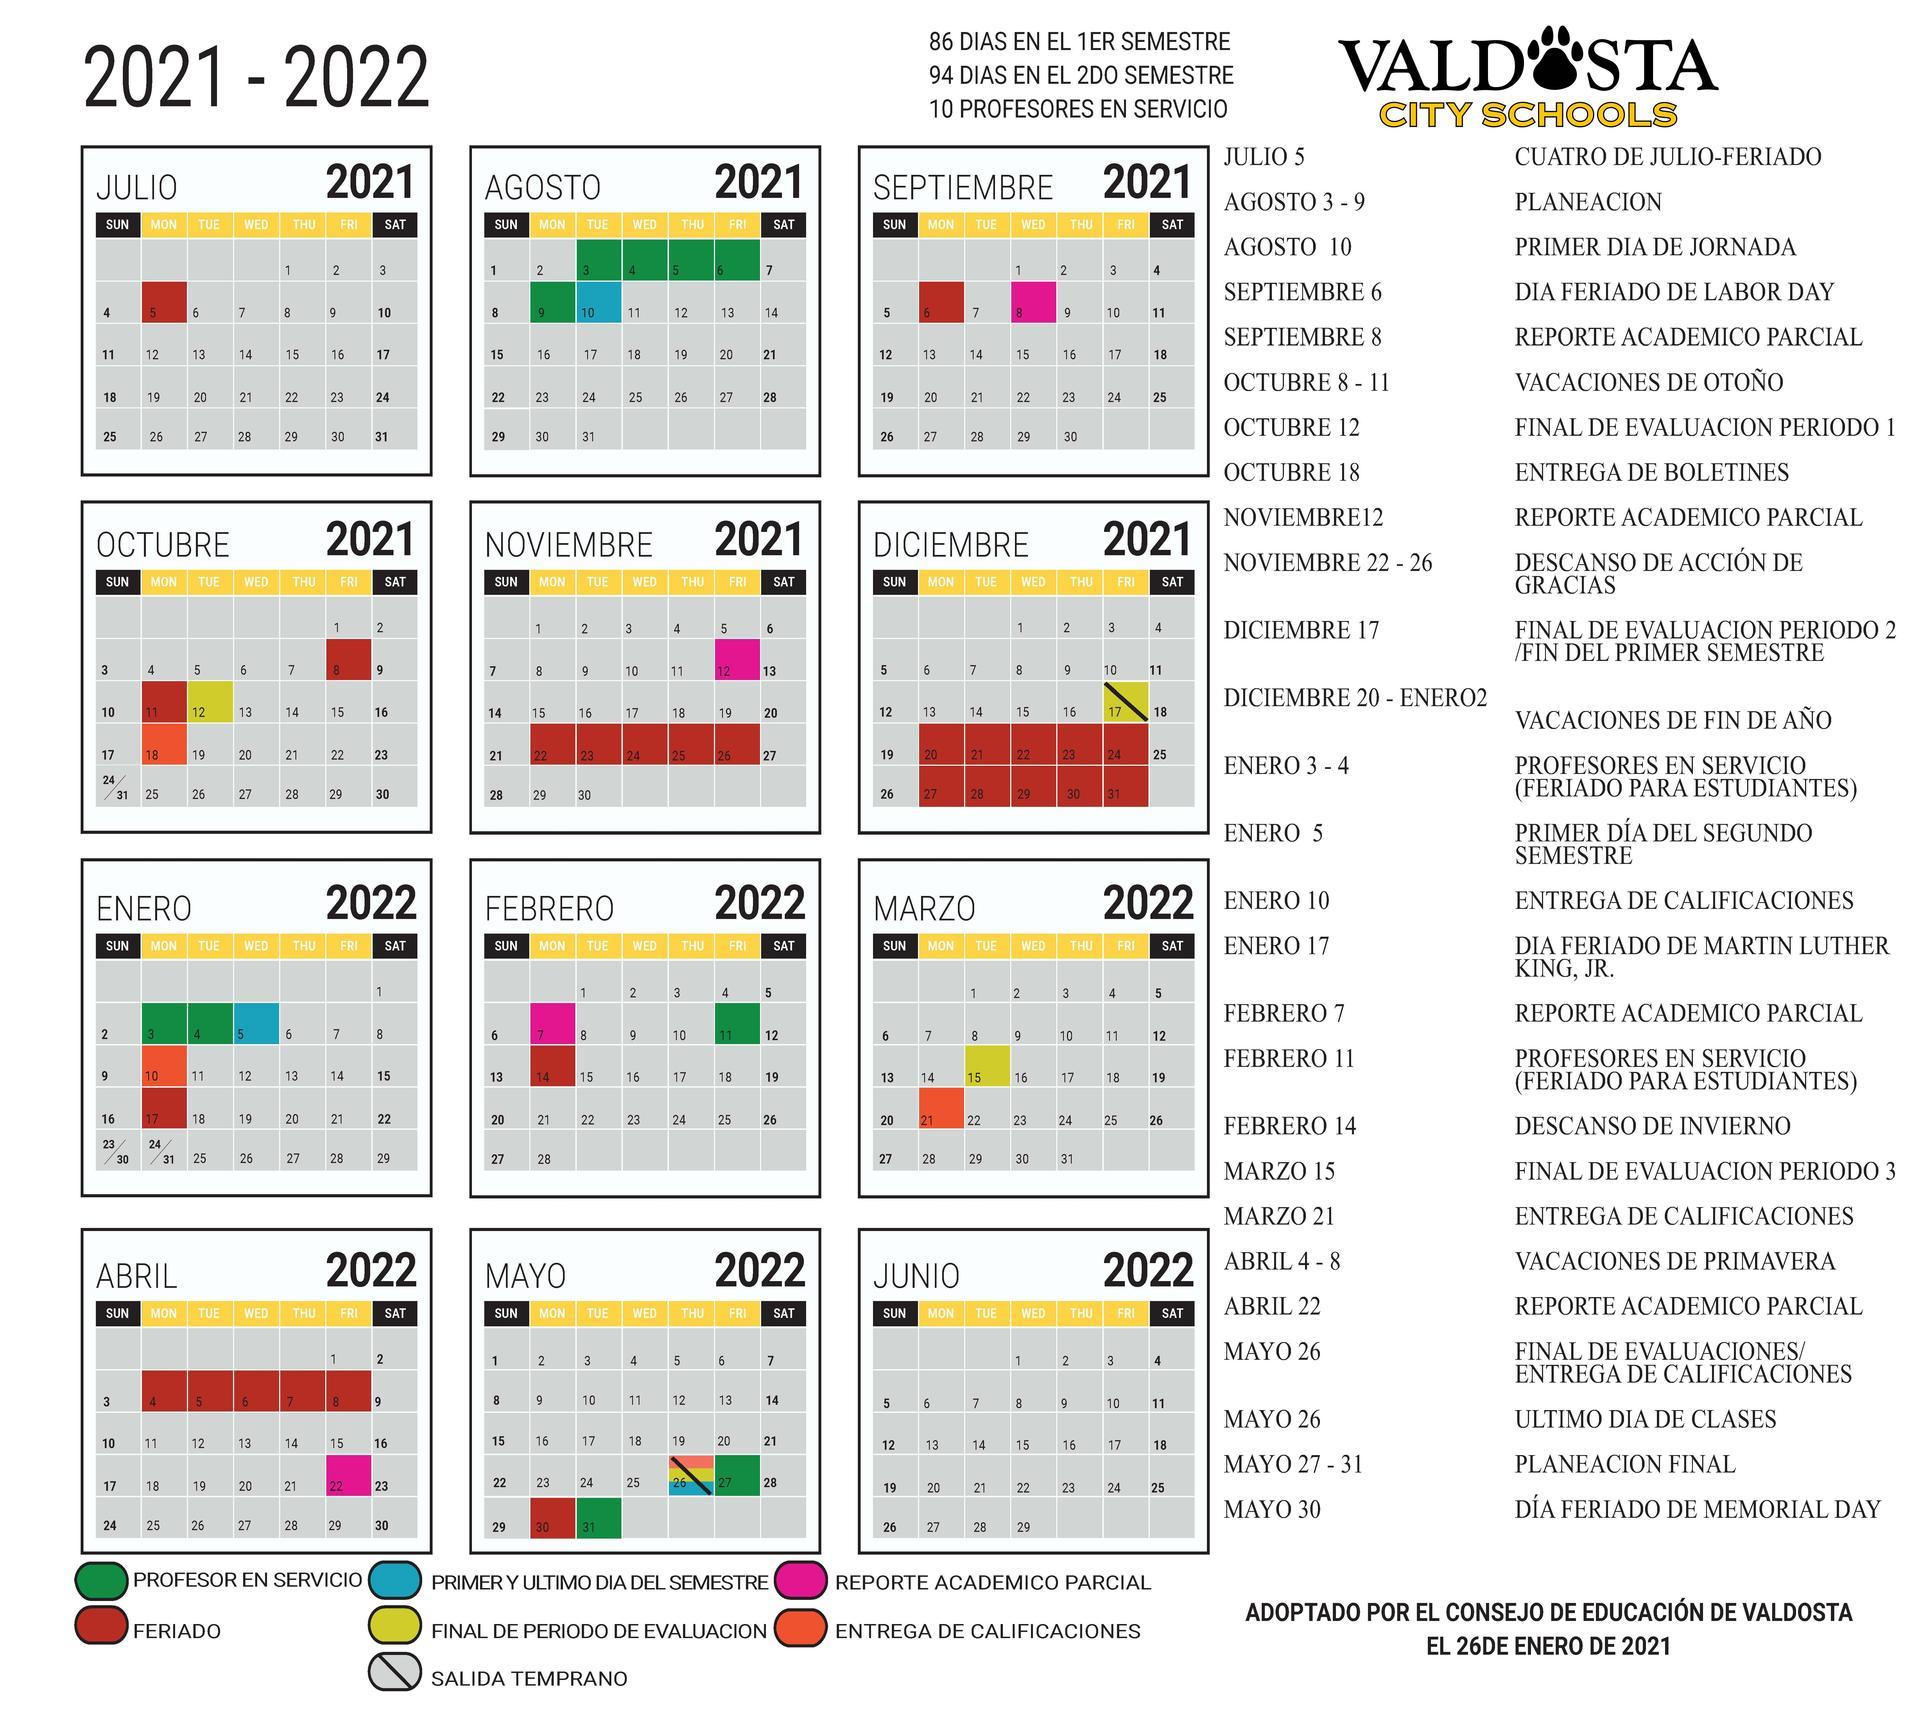 Haz clic aquí para descargar el Calendario Académico Español 2021-2022